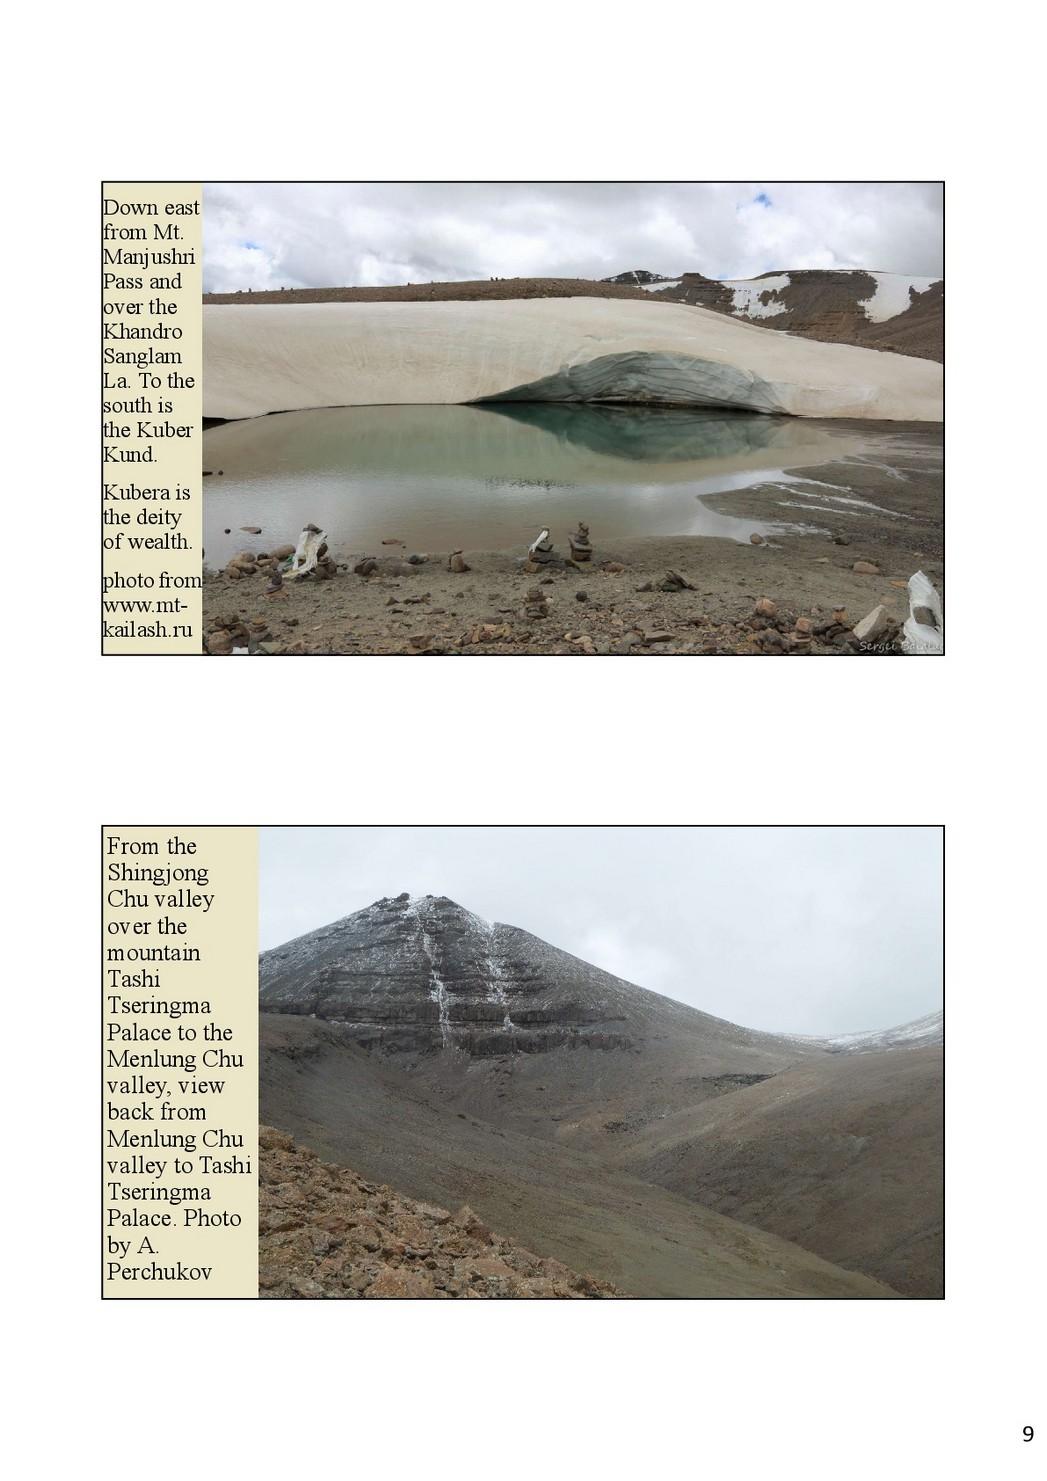 Spiral-Kora-of-Mt.-Kailash-27